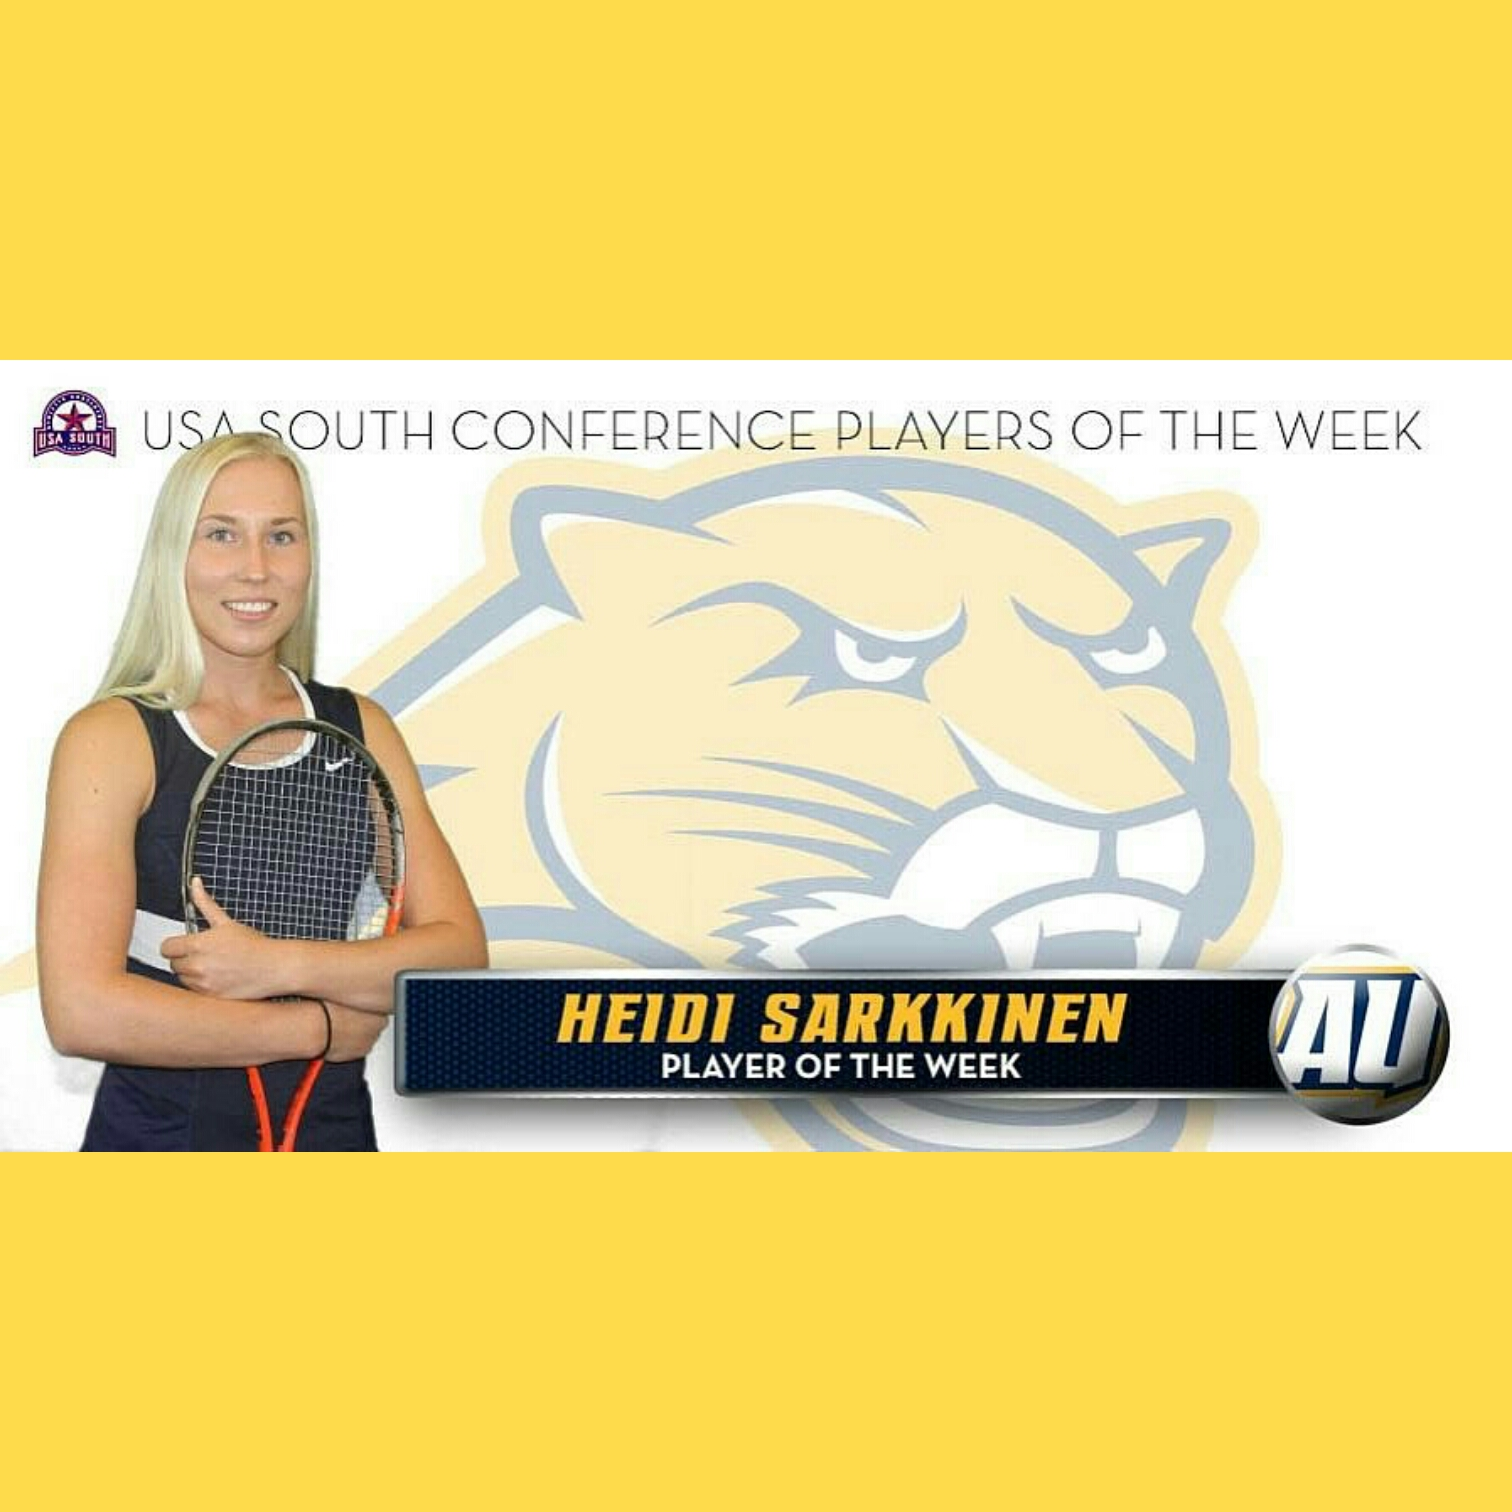 Heidi - opiskelua ja tennista USA:n Averetissa